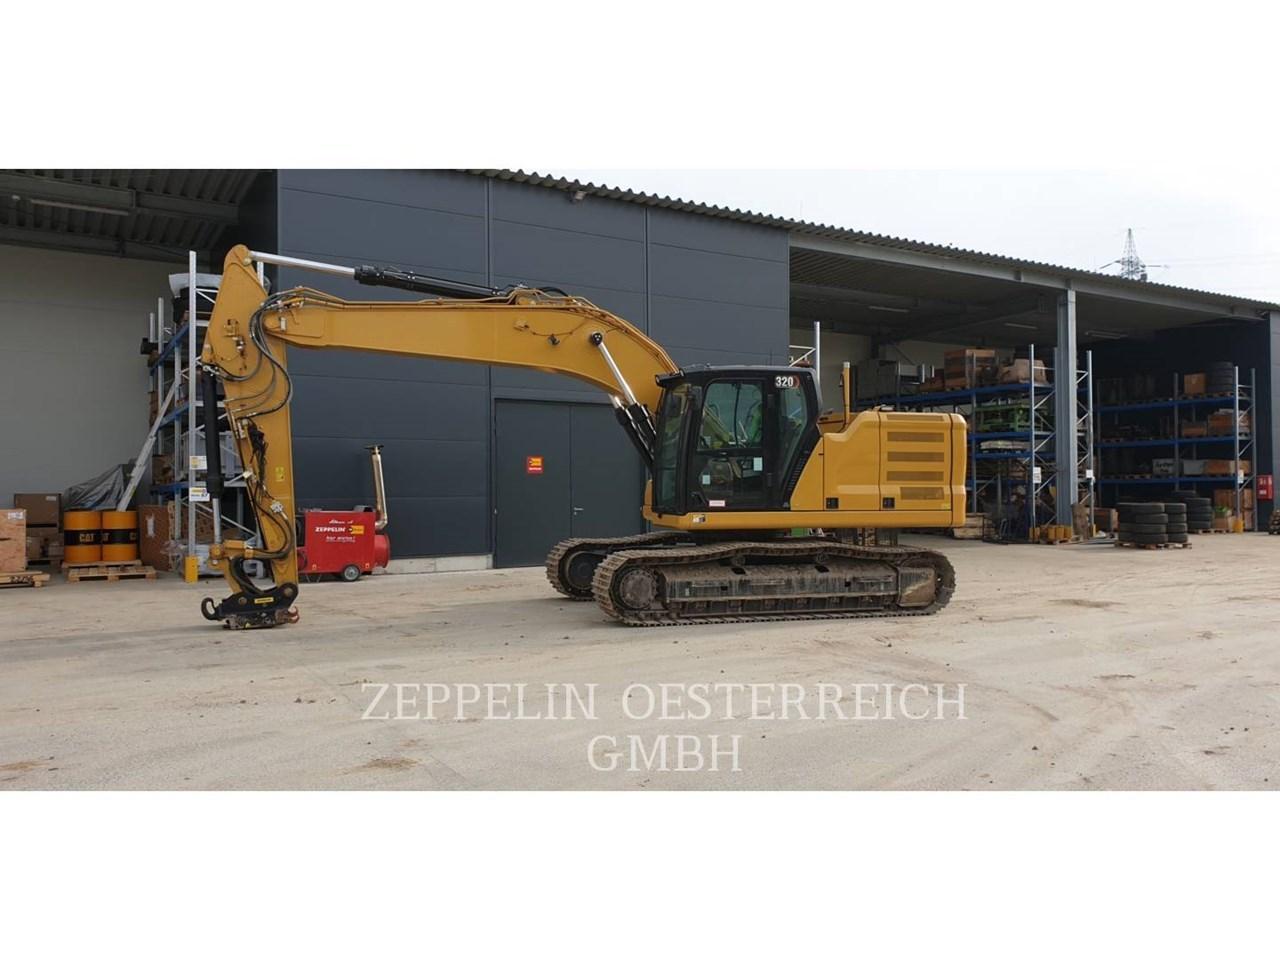 2020 Caterpillar 320-07 Image 1